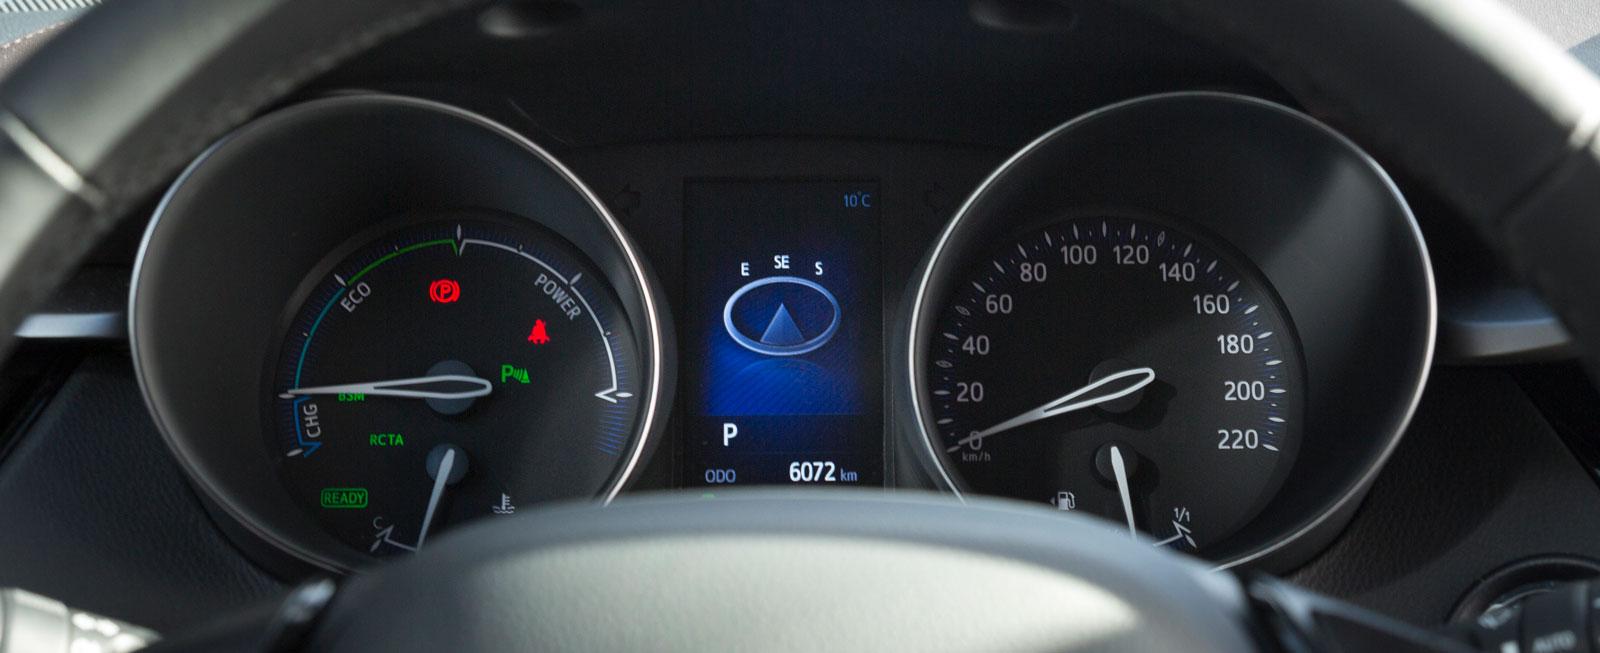 Varvräknaren har skippats i Toyotas djupa rundlar, till förmån för en mätare som visar energiförbrukning/-regenerering.